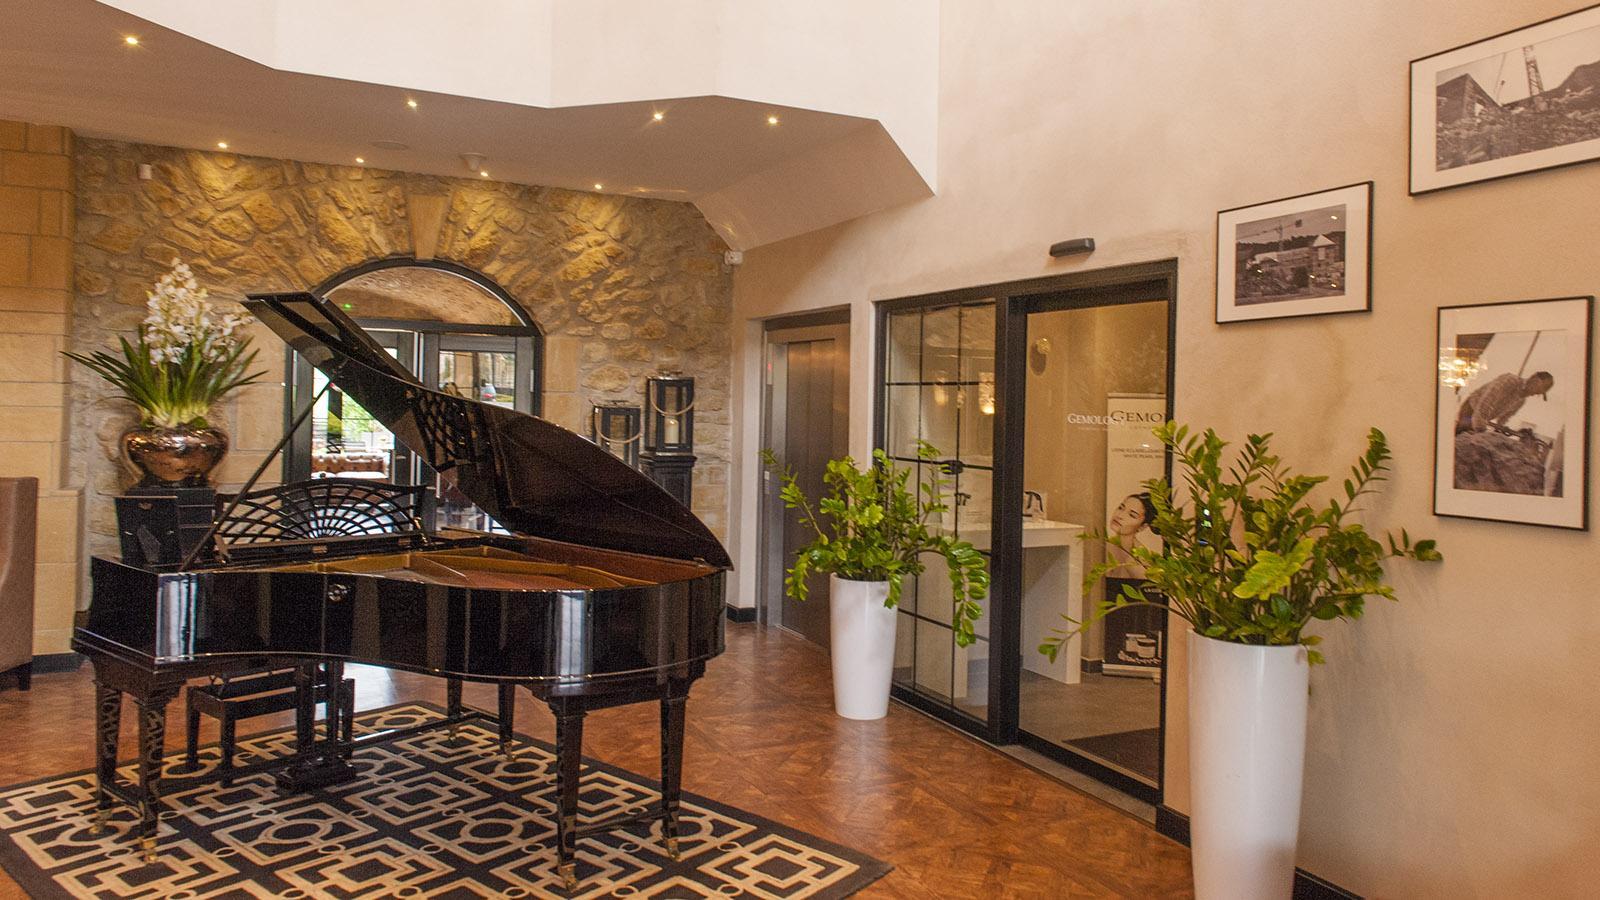 Domaine de la Klauss: Das Piano ist der HIngucker der Lobby. Bitte nicht berühren, ermahnt ein Schild. Foto: Hilke Maunder